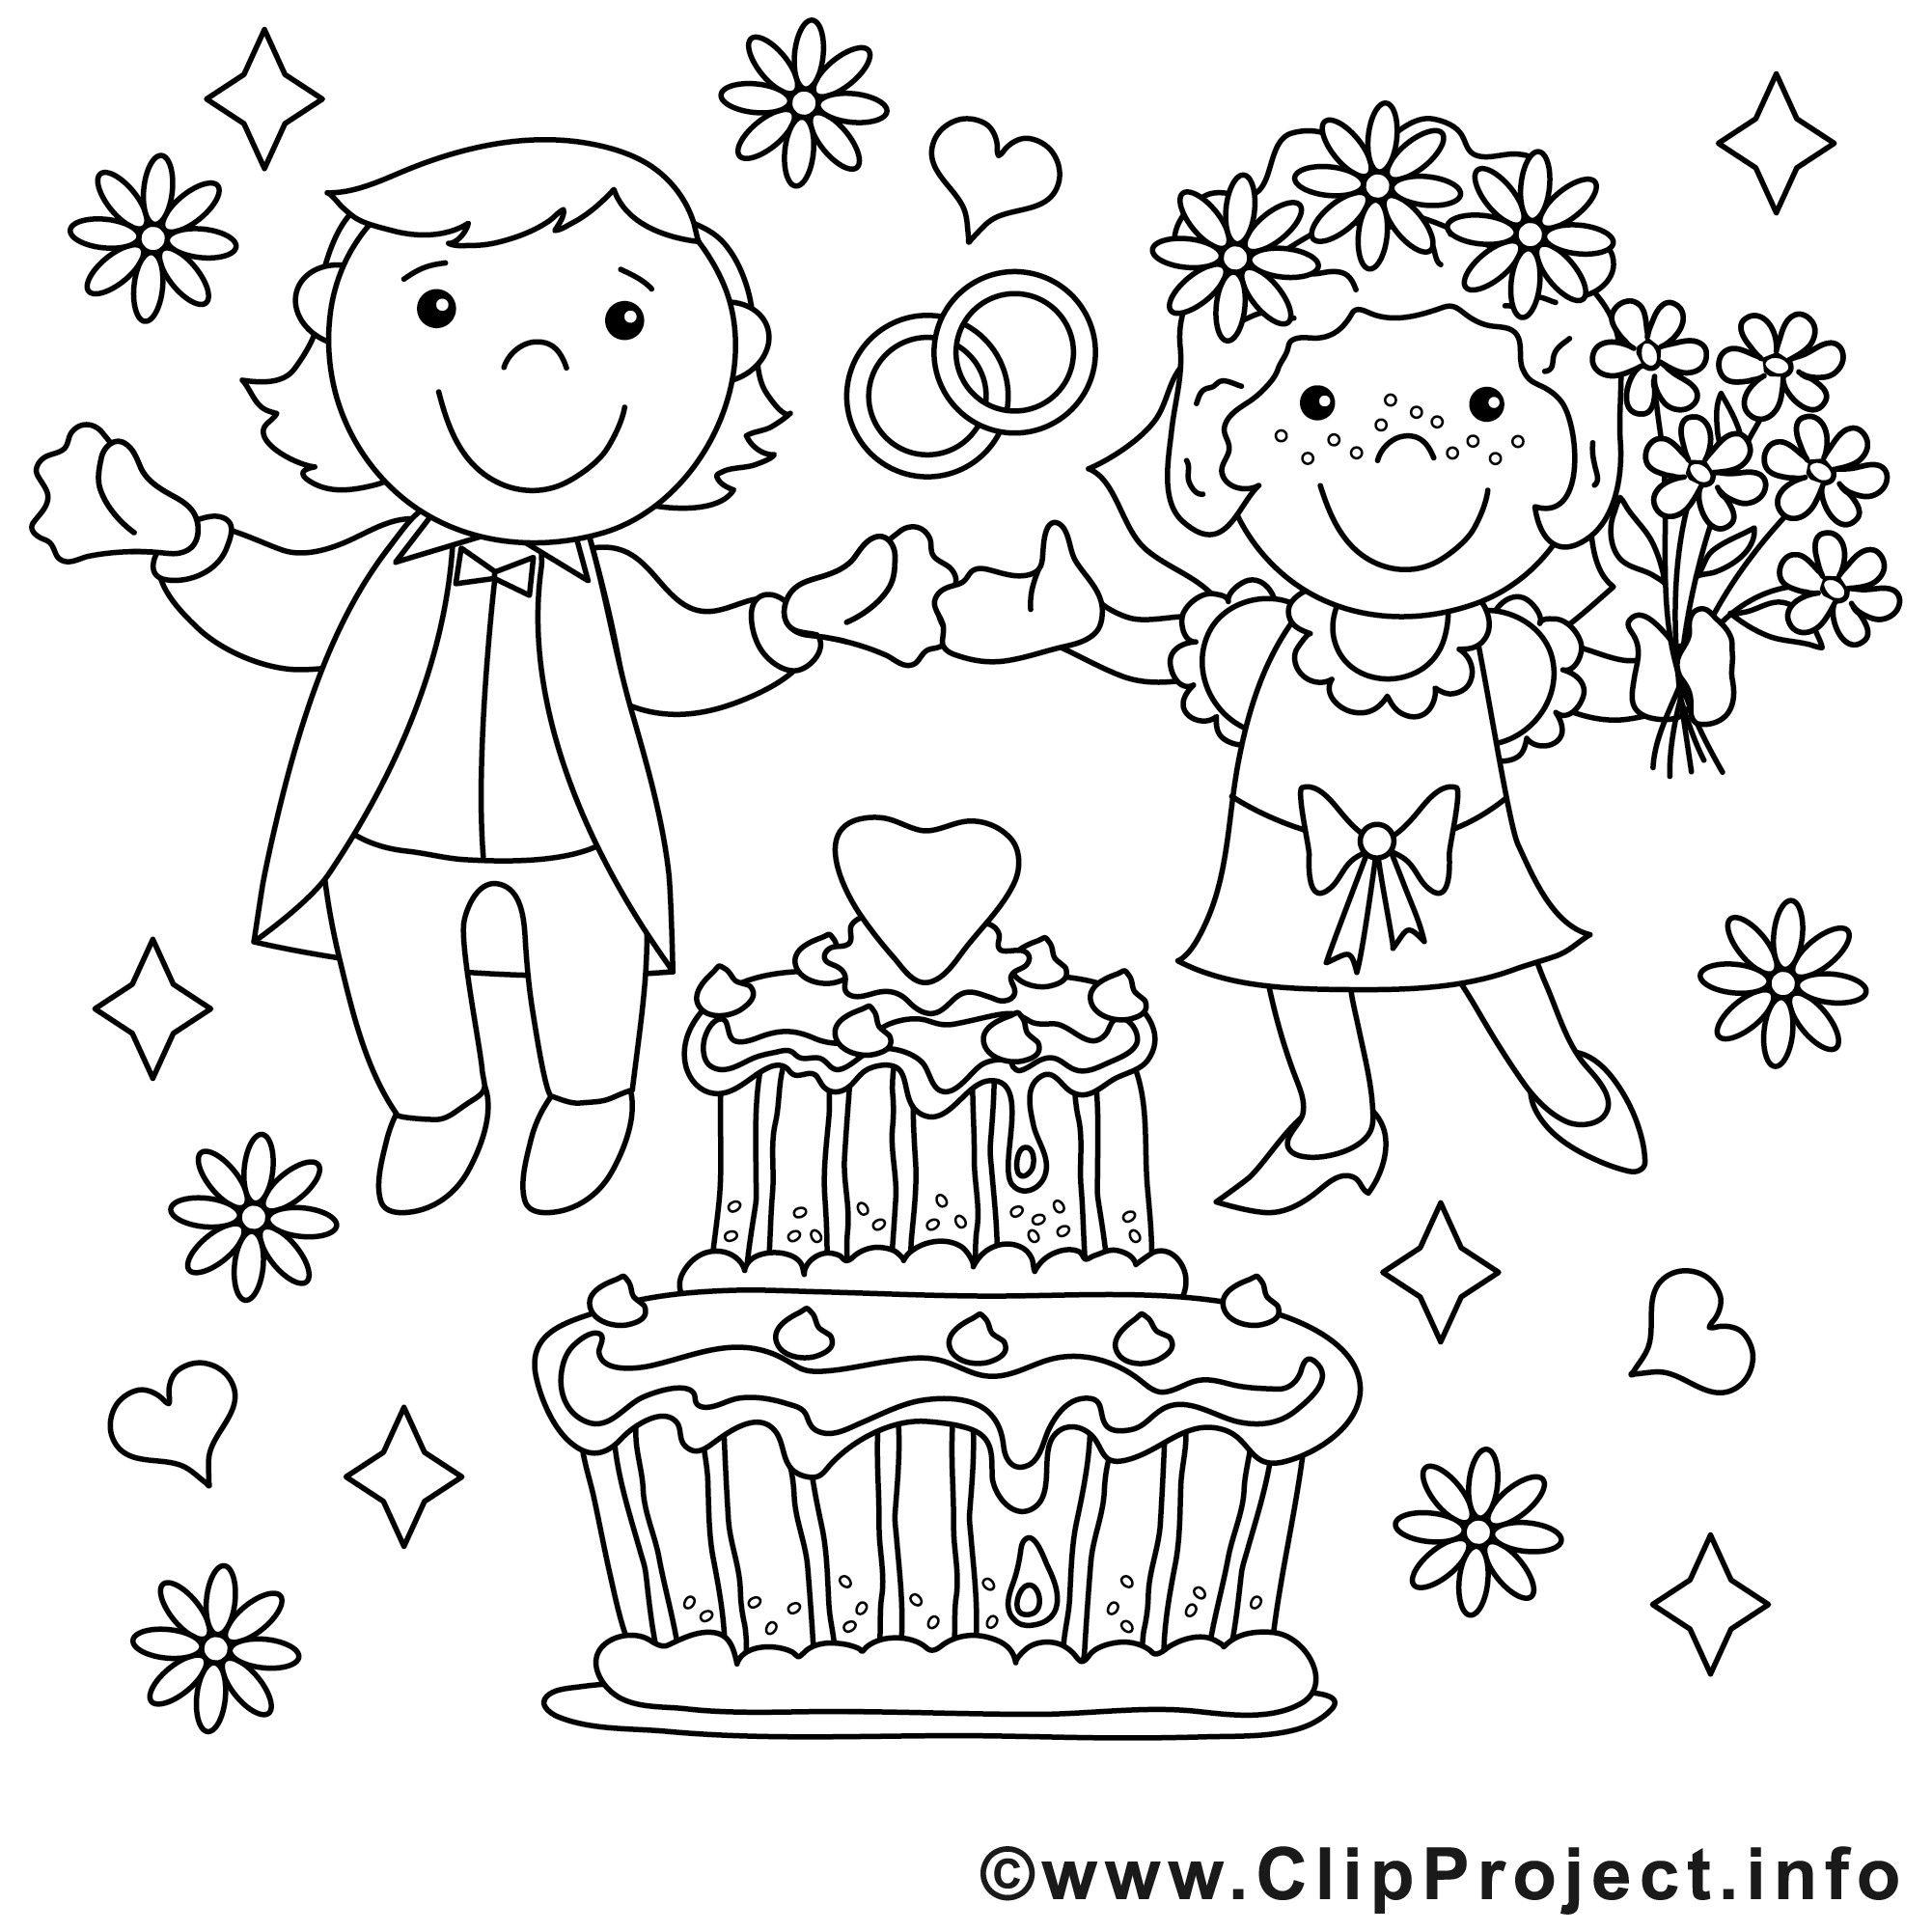 Die 20 Besten Ideen Fur Ausmalbilder Hochzeit Kostenlos Beste Wohnkultur Bastelideen Coloring Und Frisur Inspiration Ausmalbilder Hochzeit Ausmalbilder Hochzeit Malvorlagen